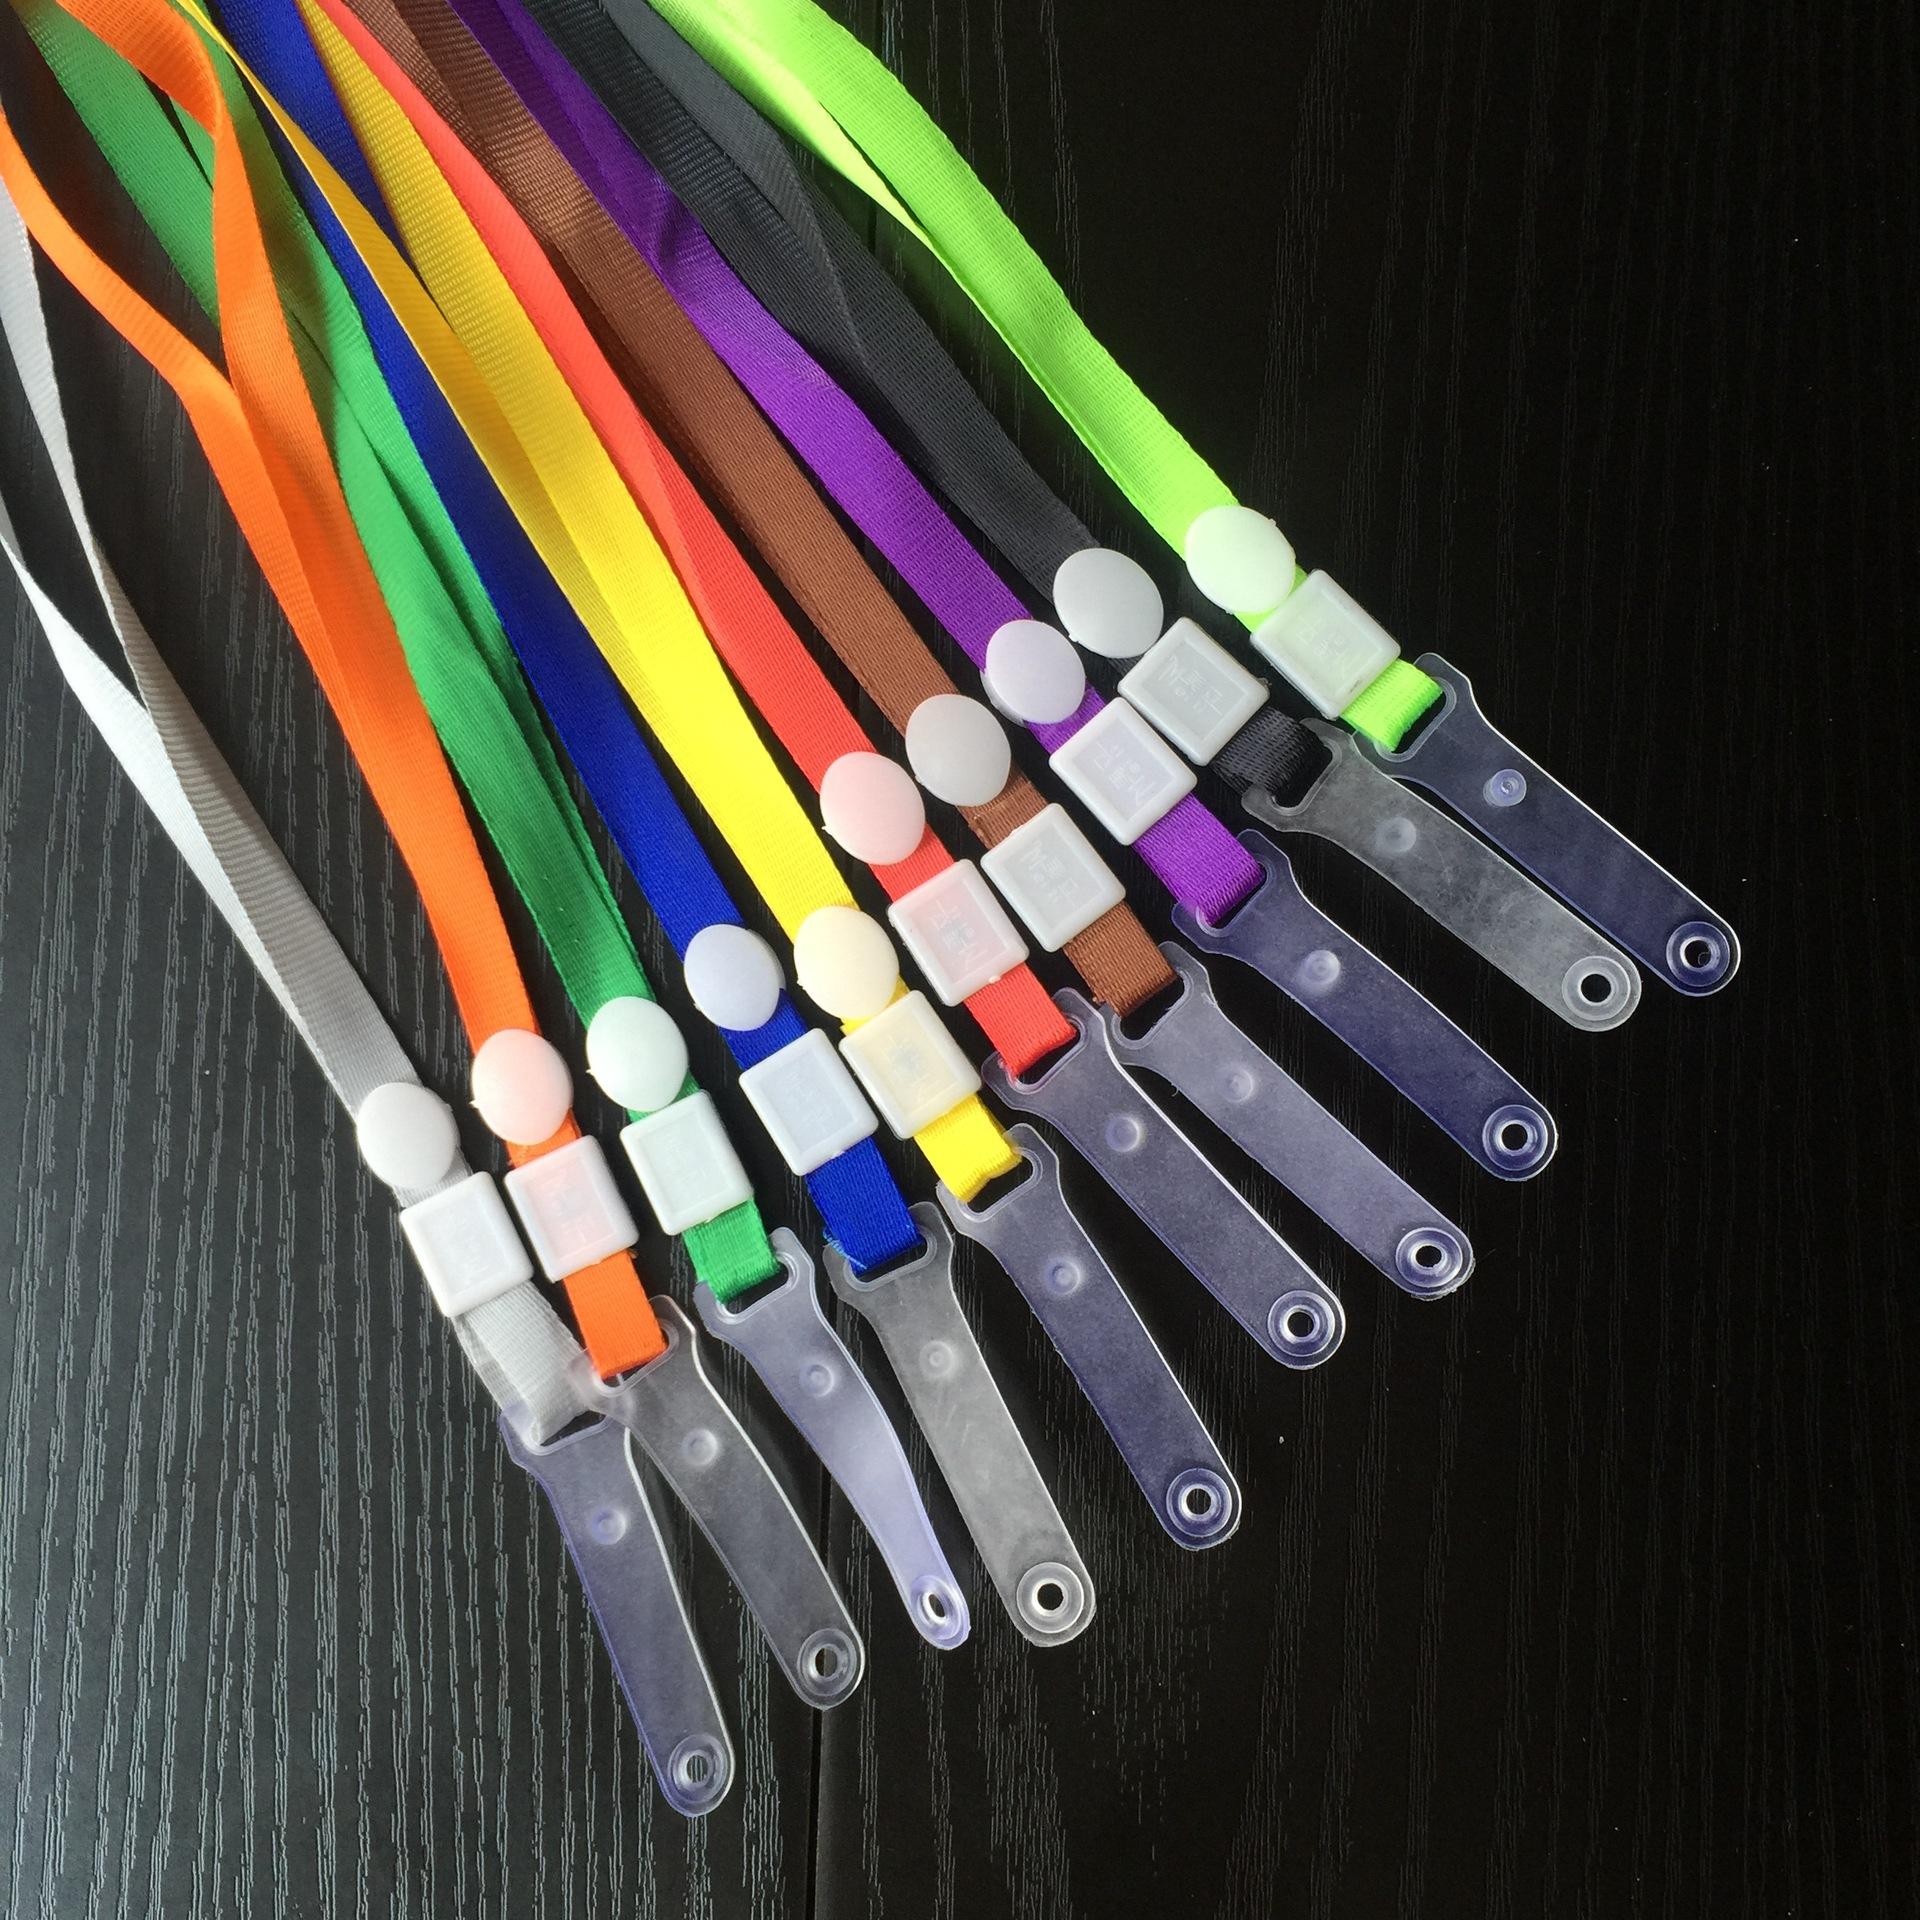 MEILI dây đeo Triển lãm giấy phép làm việc dây buộc huy hiệu dây buộc giấy chứng nhận dây buộc nhà m